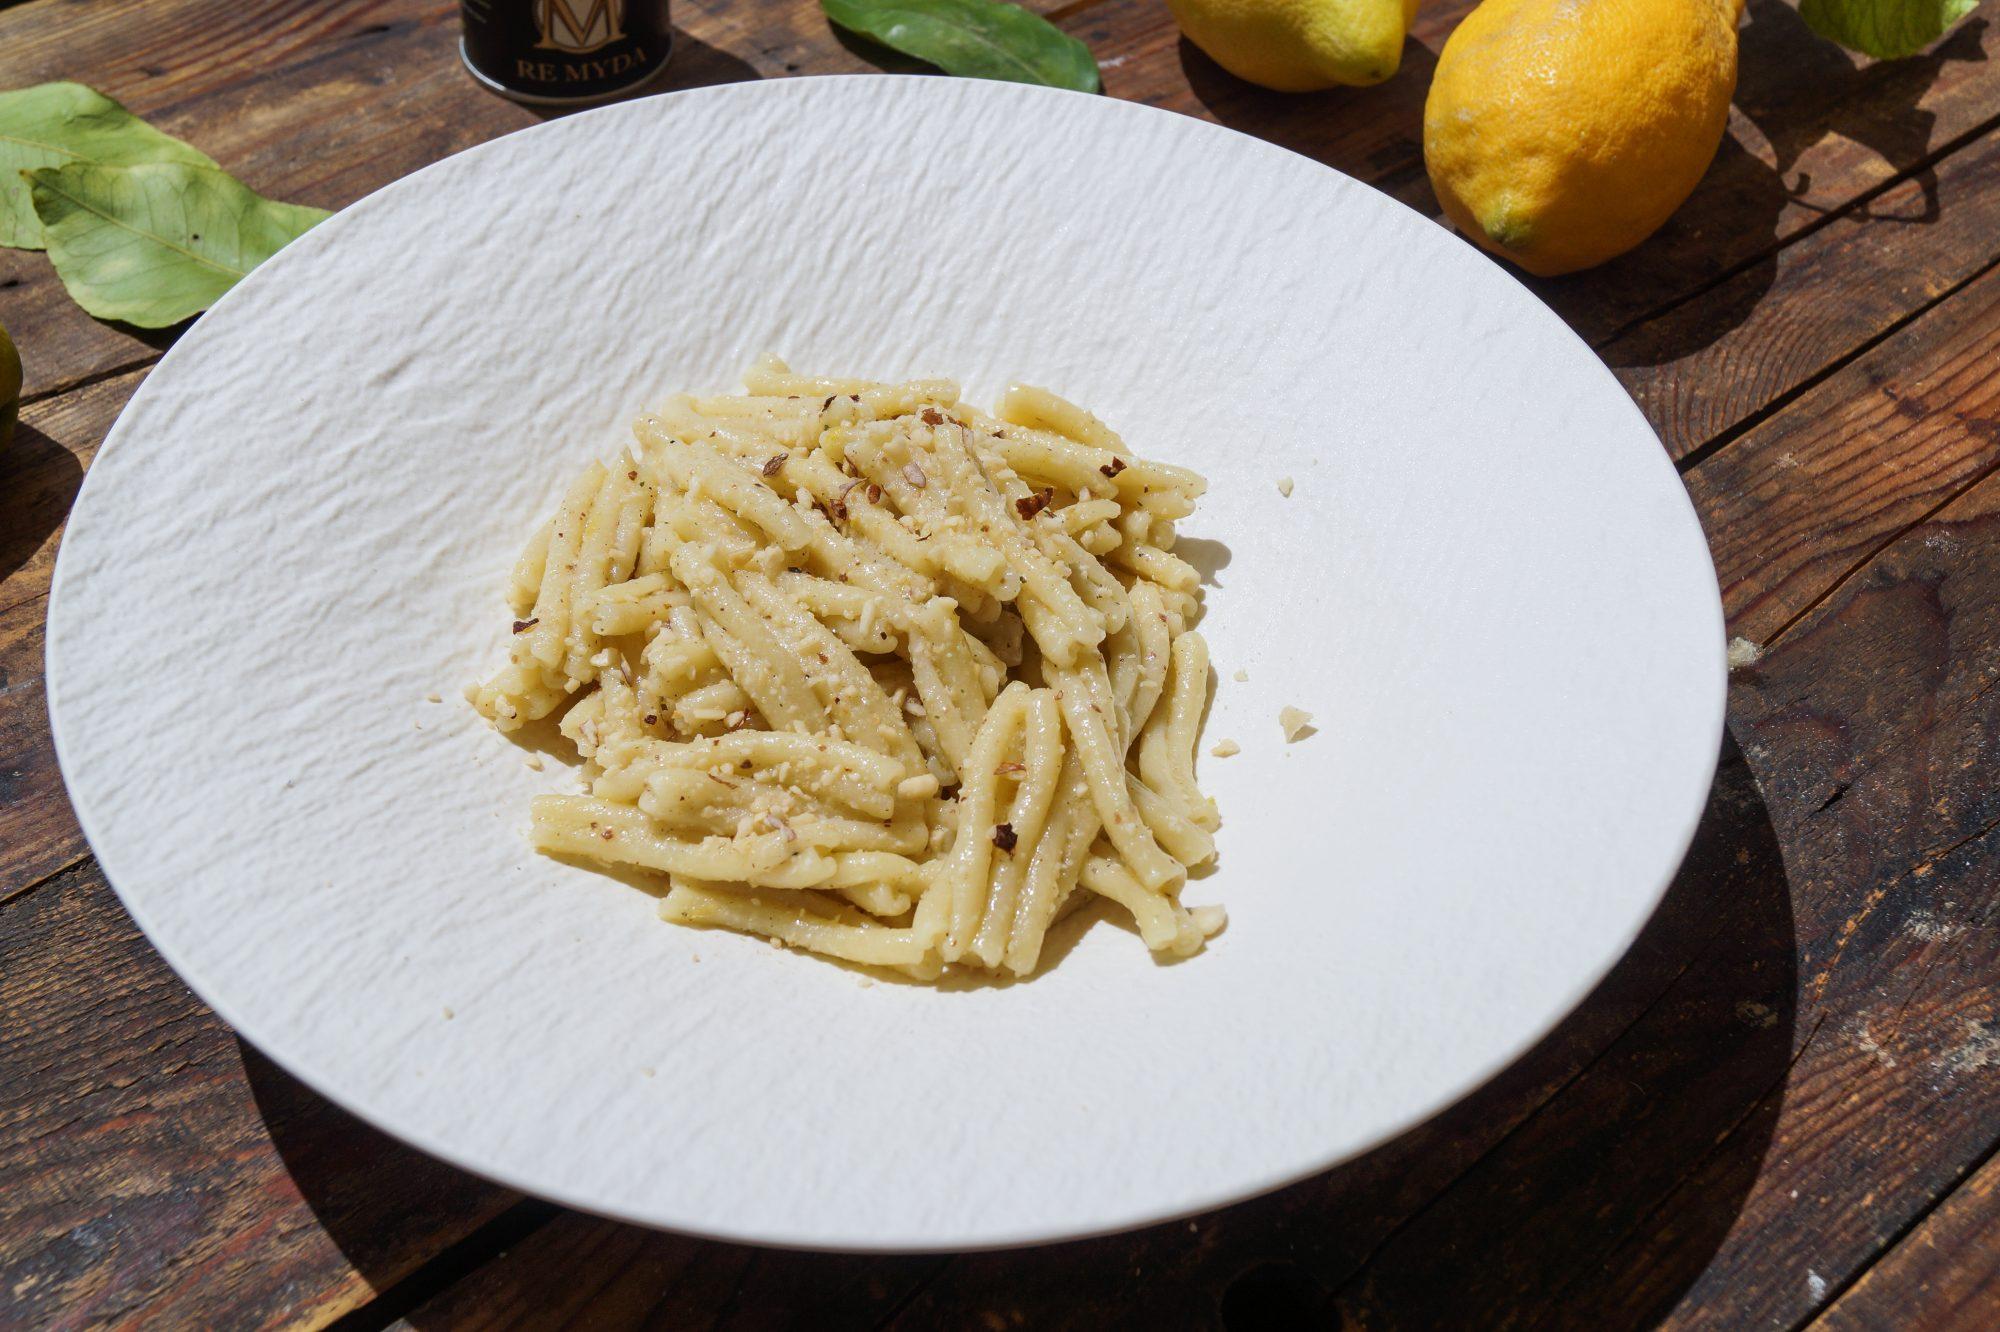 Casarecce al Pesto di Mandorle e Limone